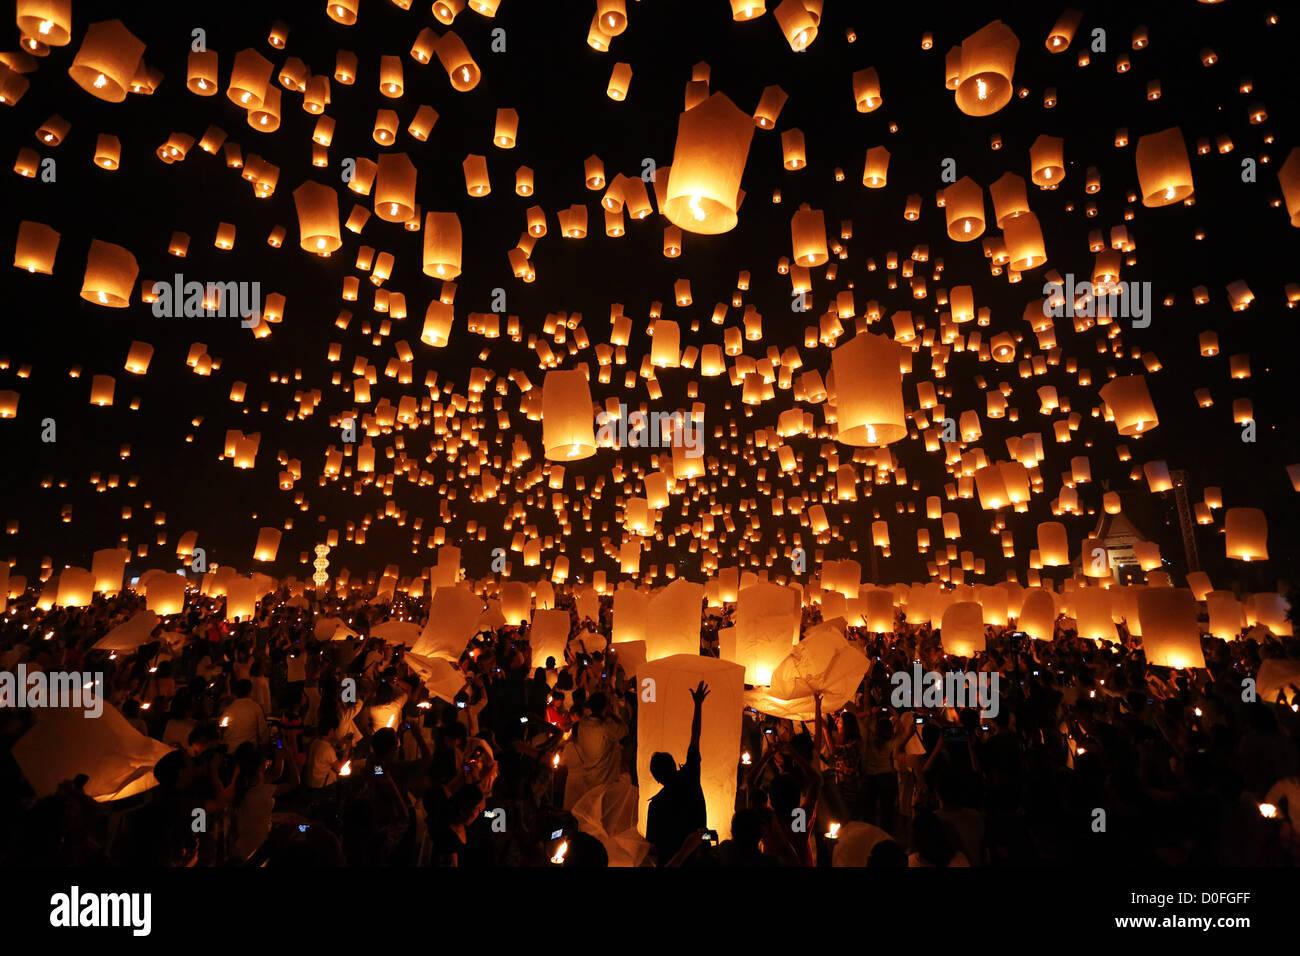 Chiang Mai, Thaïlande. 24 novembre 2012. Khom Loy au lanternes Yee Peng Sansai Lanterne flottante Cérémonie, partie de la célébrations Loy Kratong en hommage à Bouddha, Maejo à Chiang Mai, Thaïlande Banque D'Images